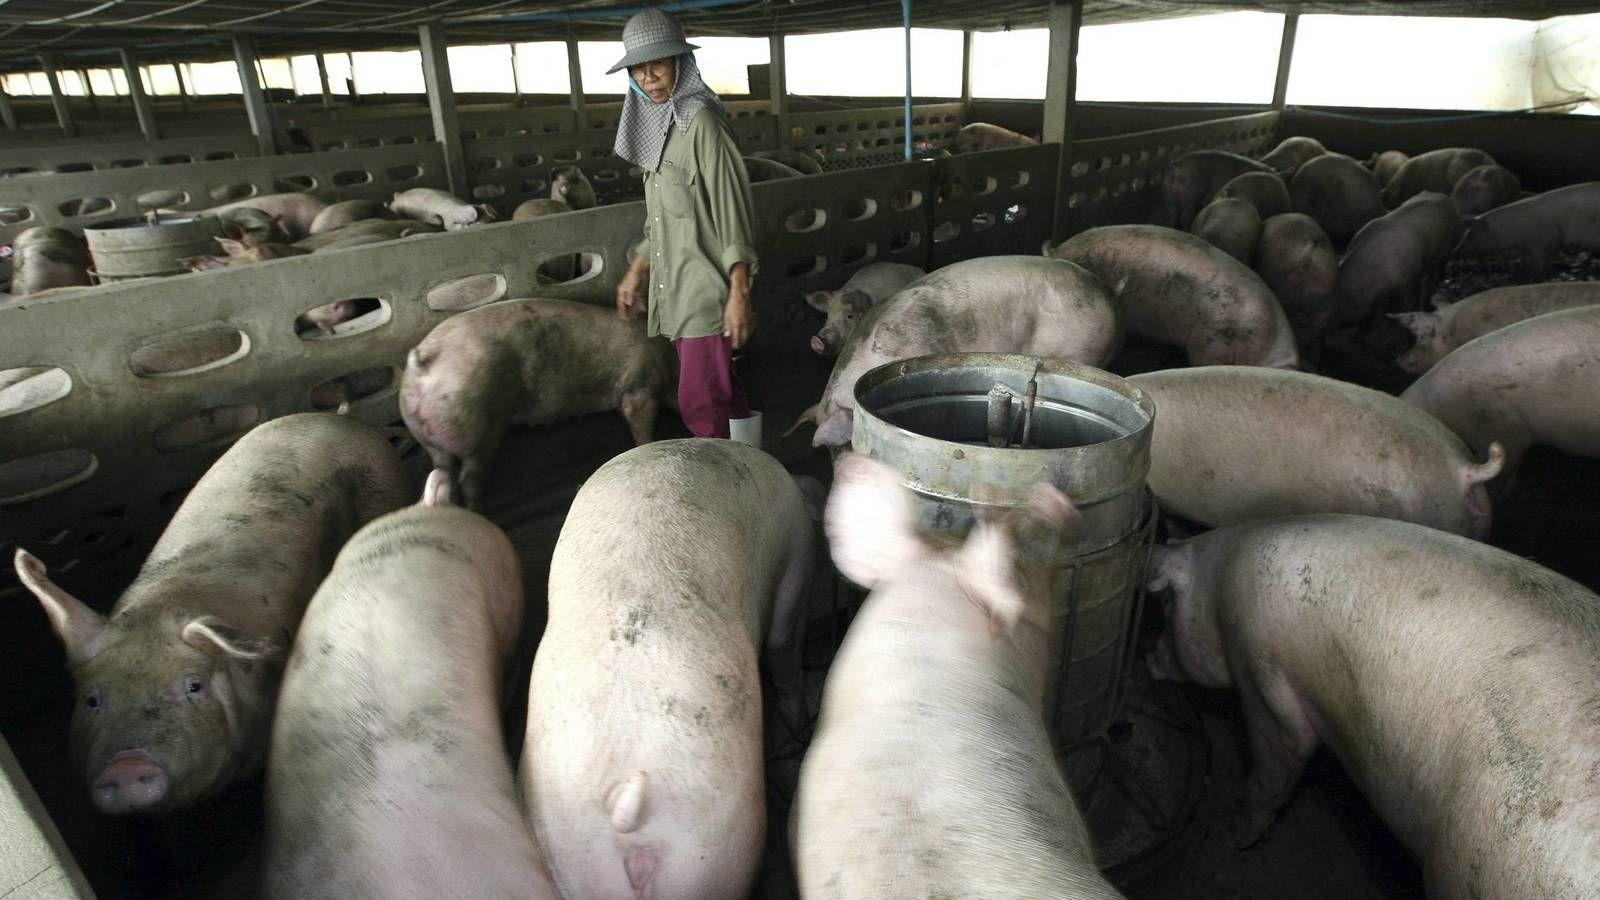 Los científicos detallaron que hay una nueva cepa de gripe de reciente aparición que es transmitido por cerdos pero pueden infectar a los humanos